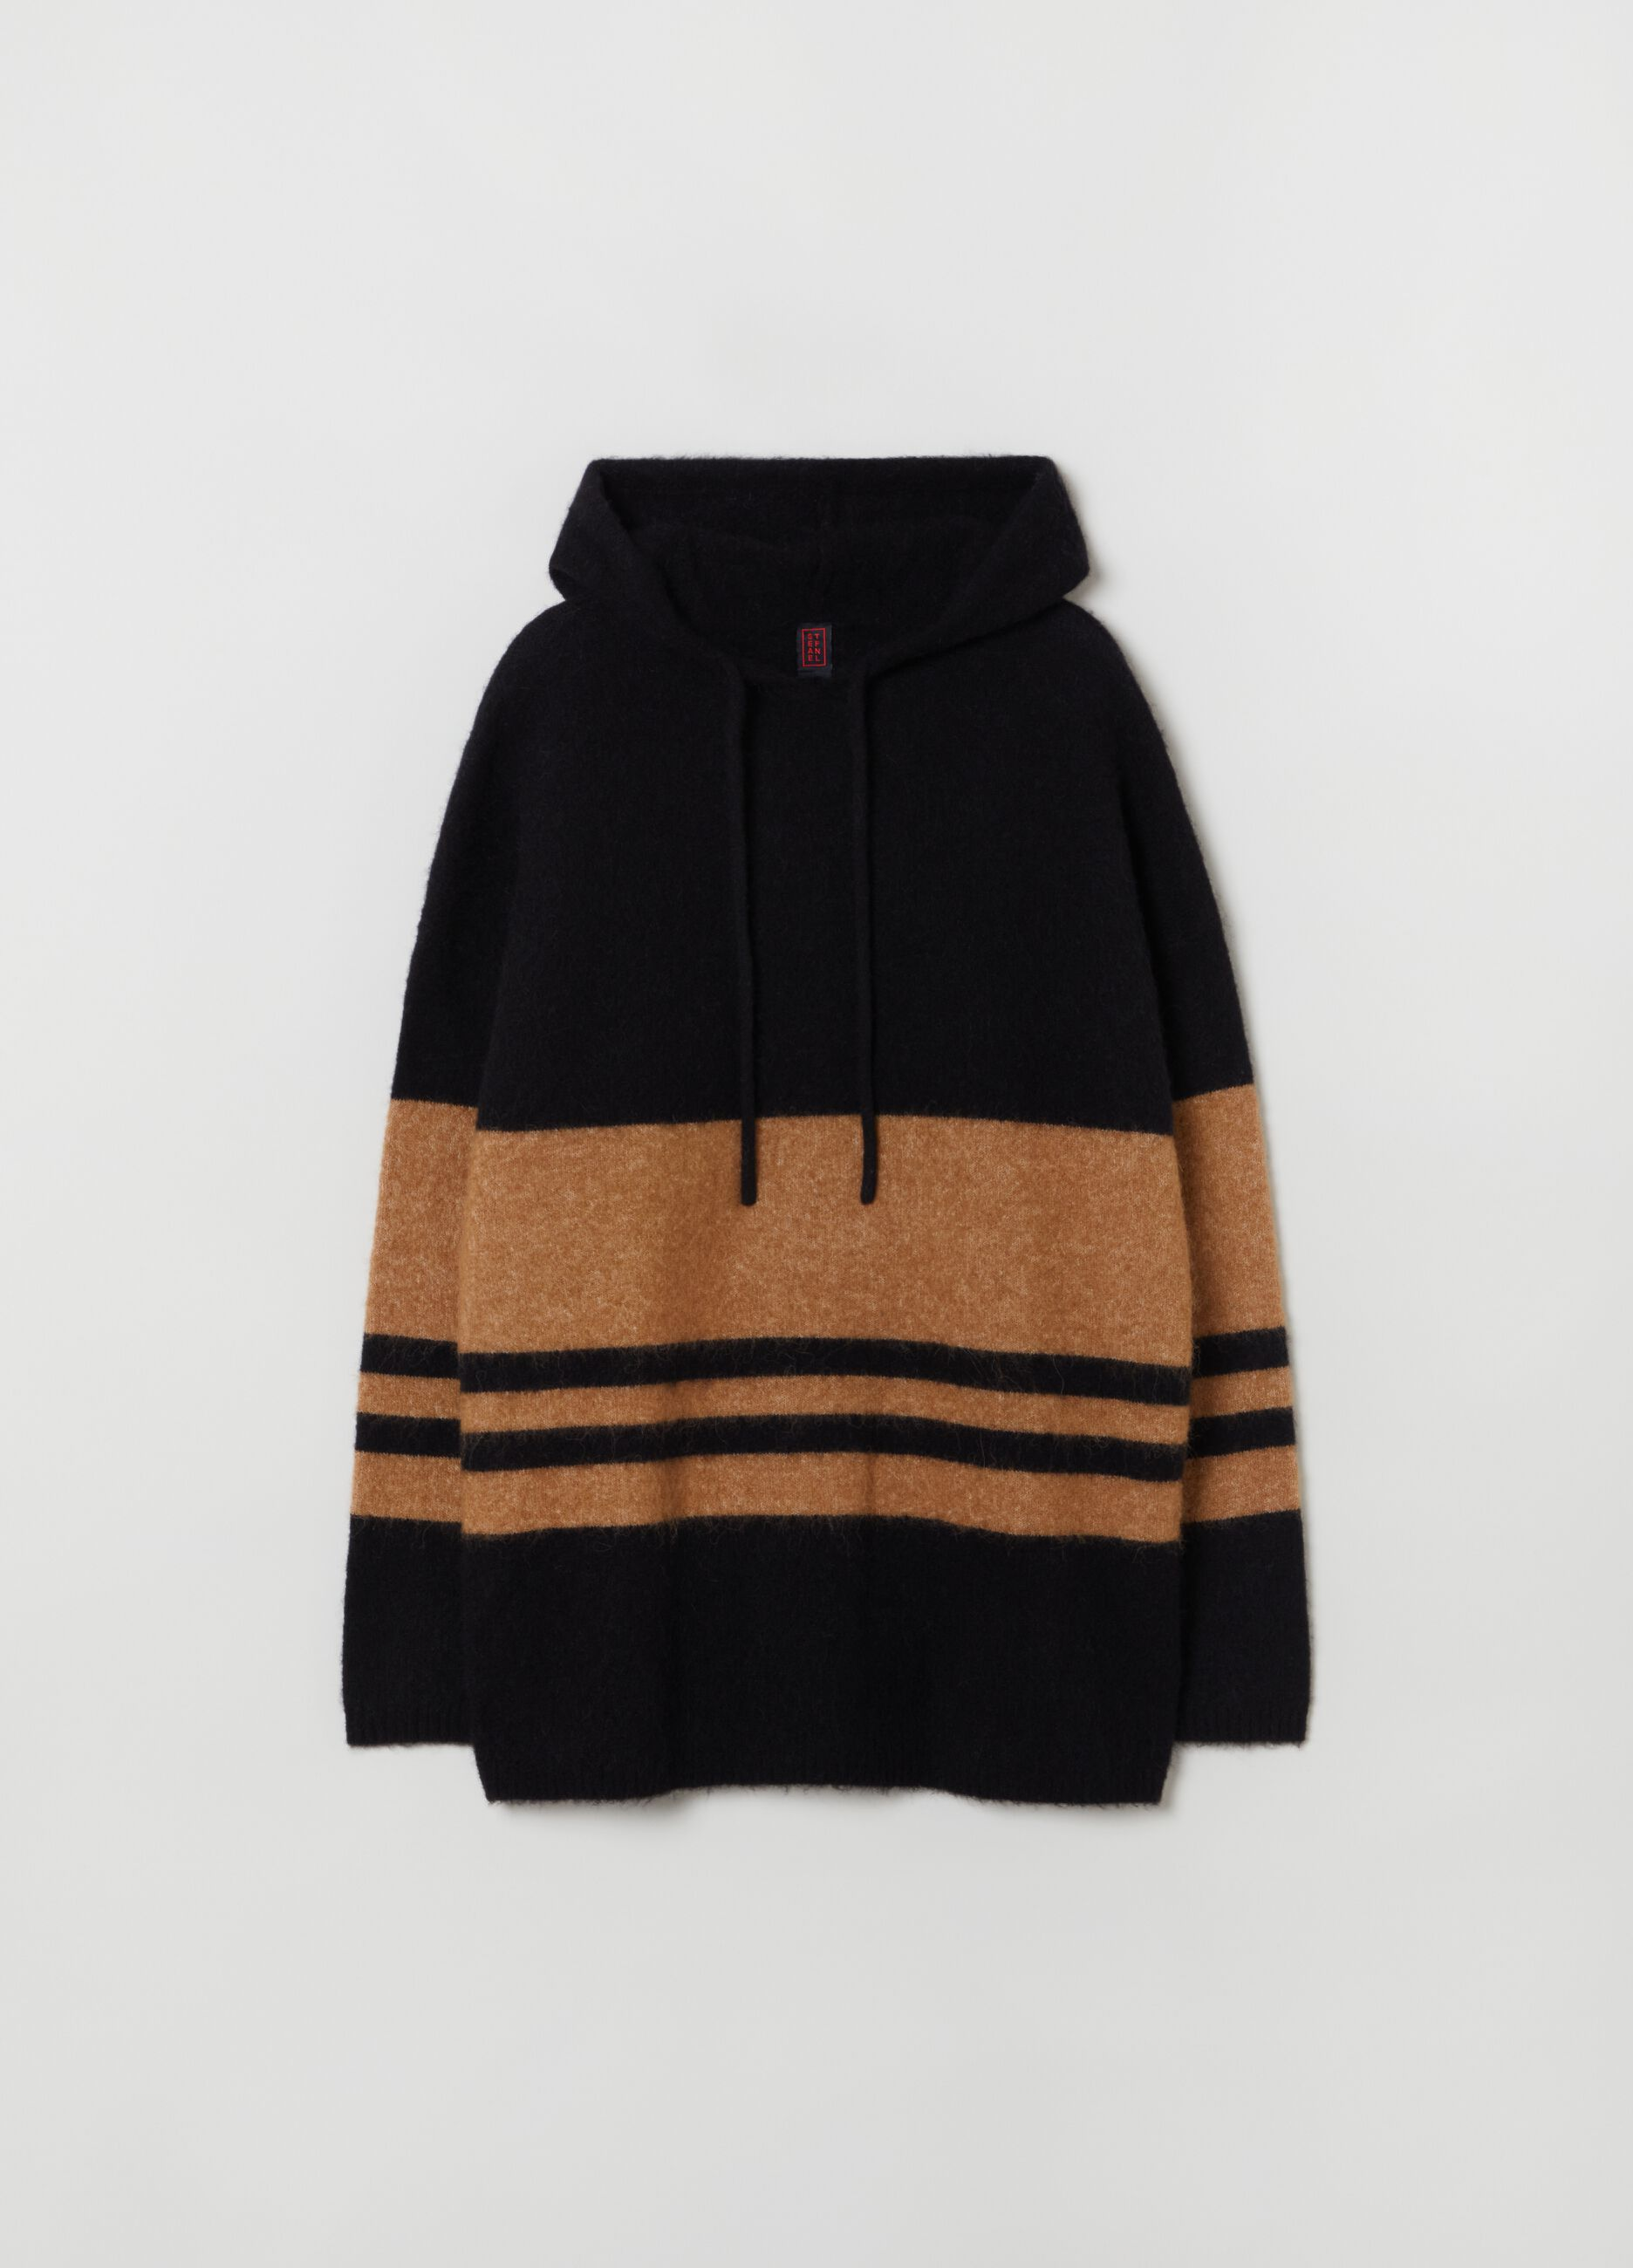 Alpaca and merino wool knit top Multicolor